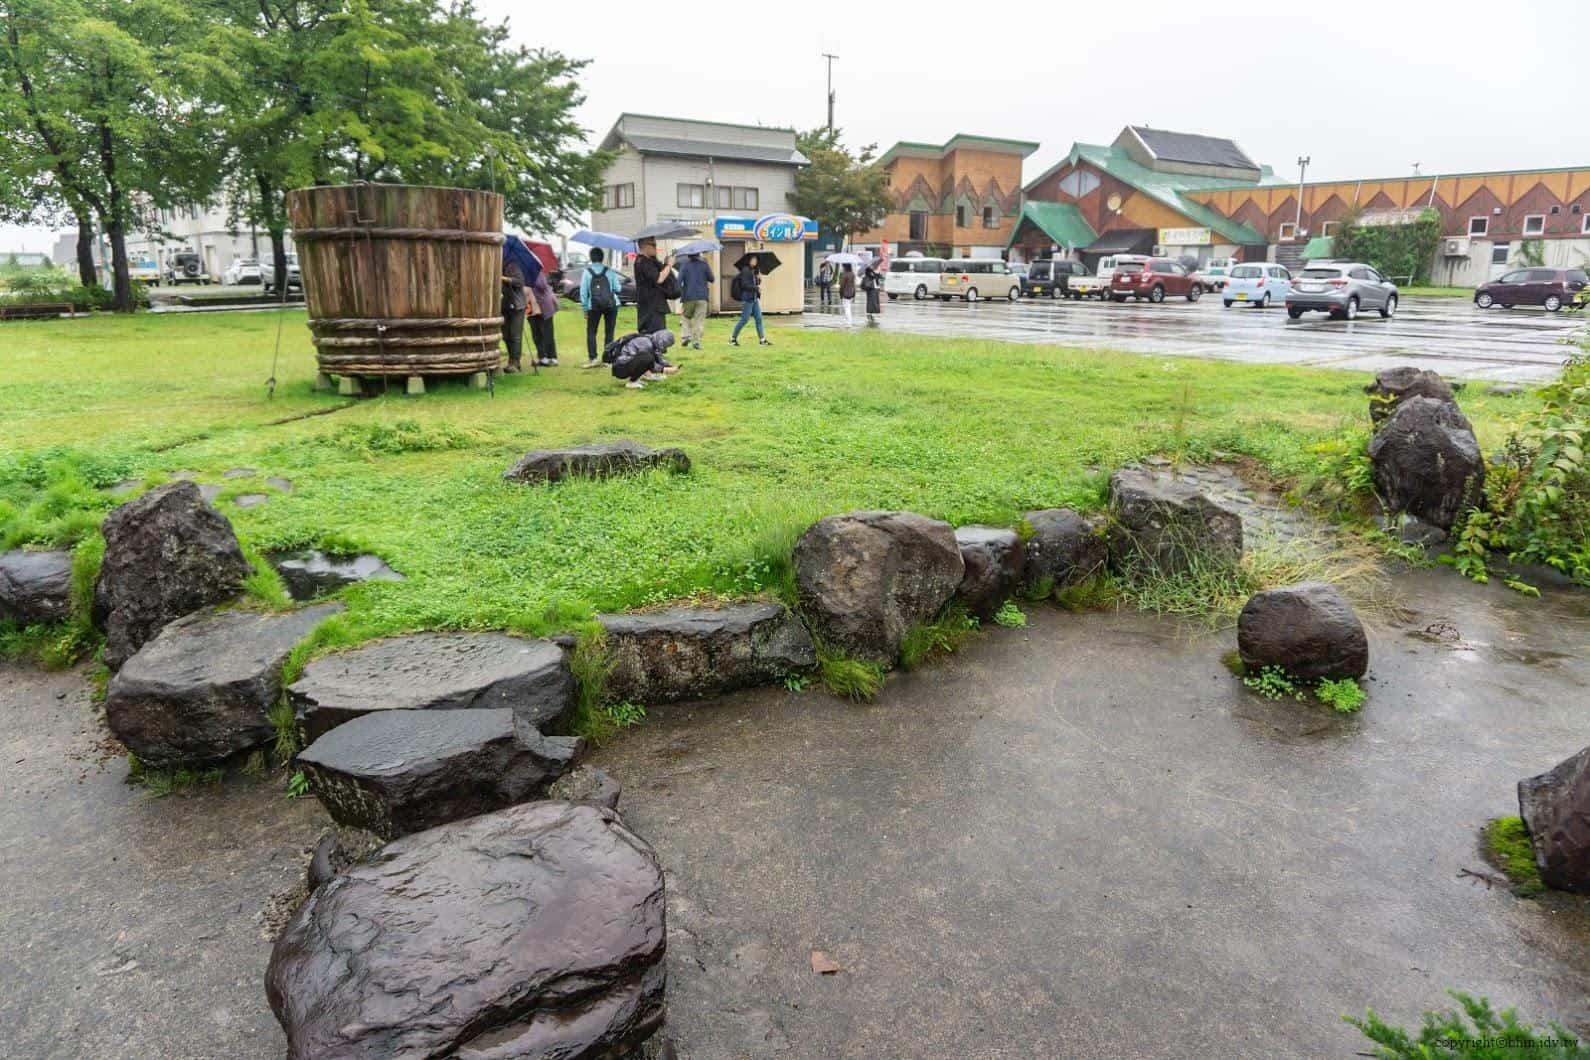 田口行弘,送水,戶外裝置藝術部分則製作了巨大木桶,遊客可進入其中 越後妻有 送水 okurimizu 02